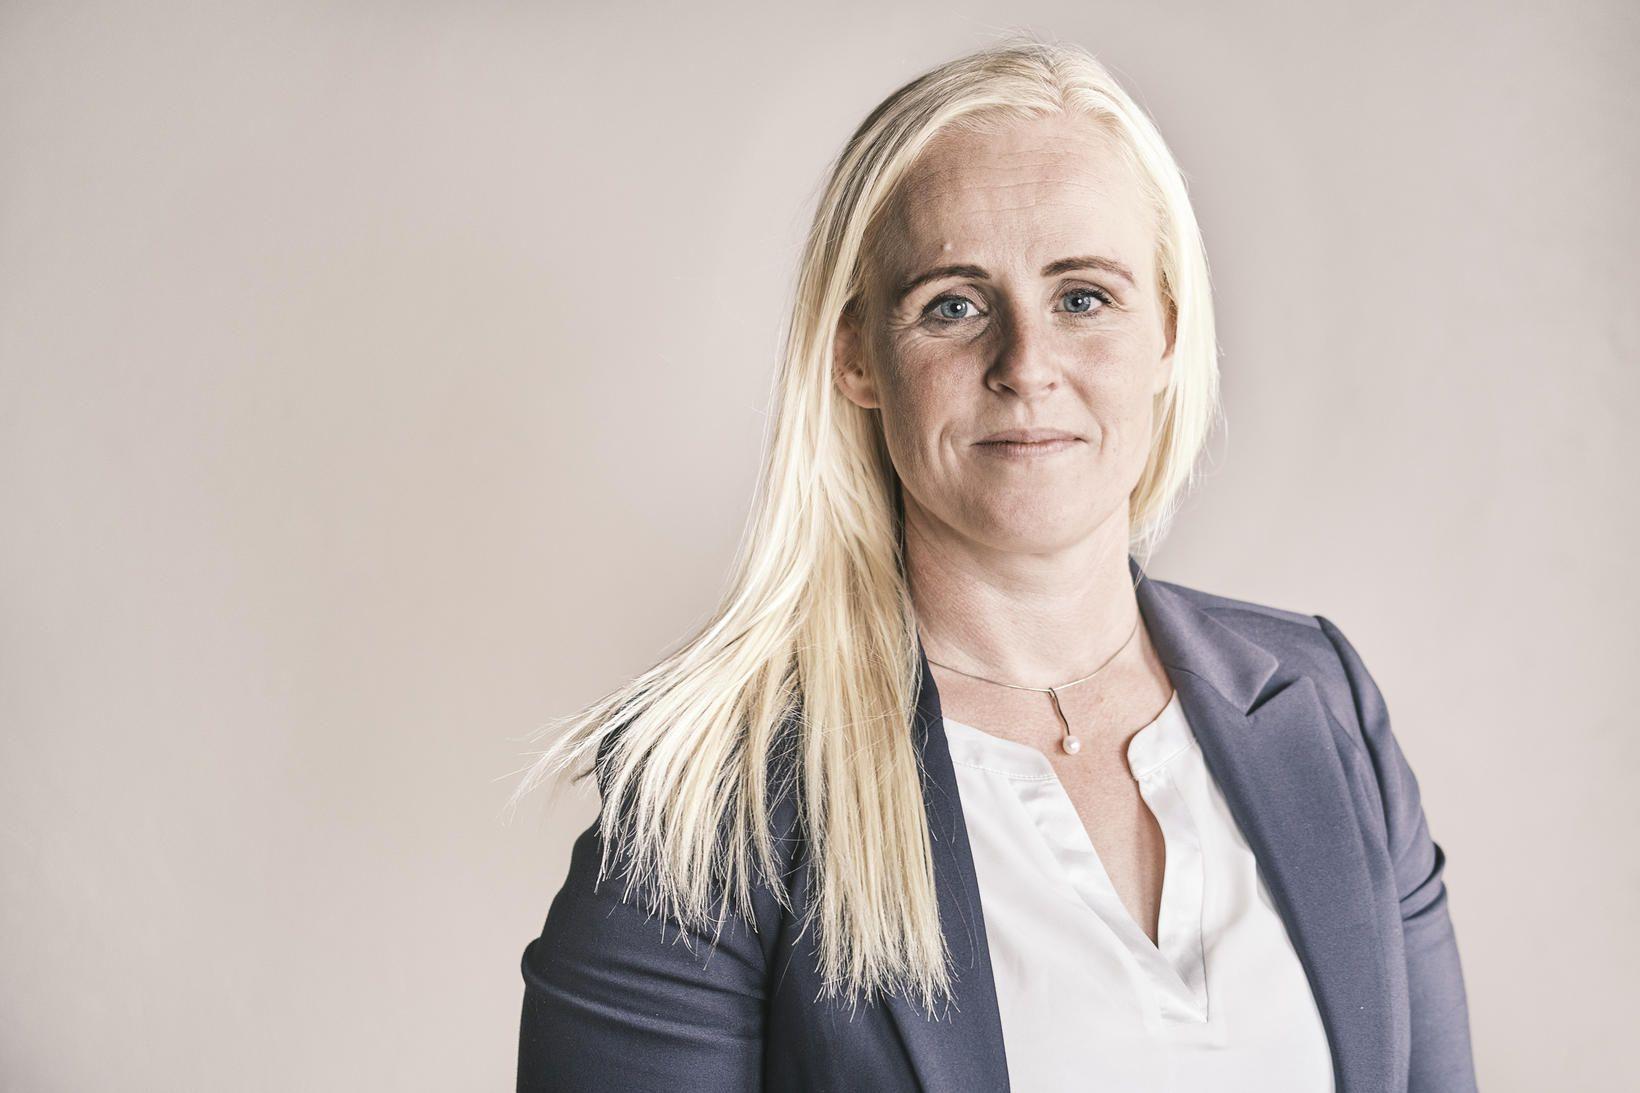 Álfheiður Ágústsdóttir, nýr forstjóri Elkem.